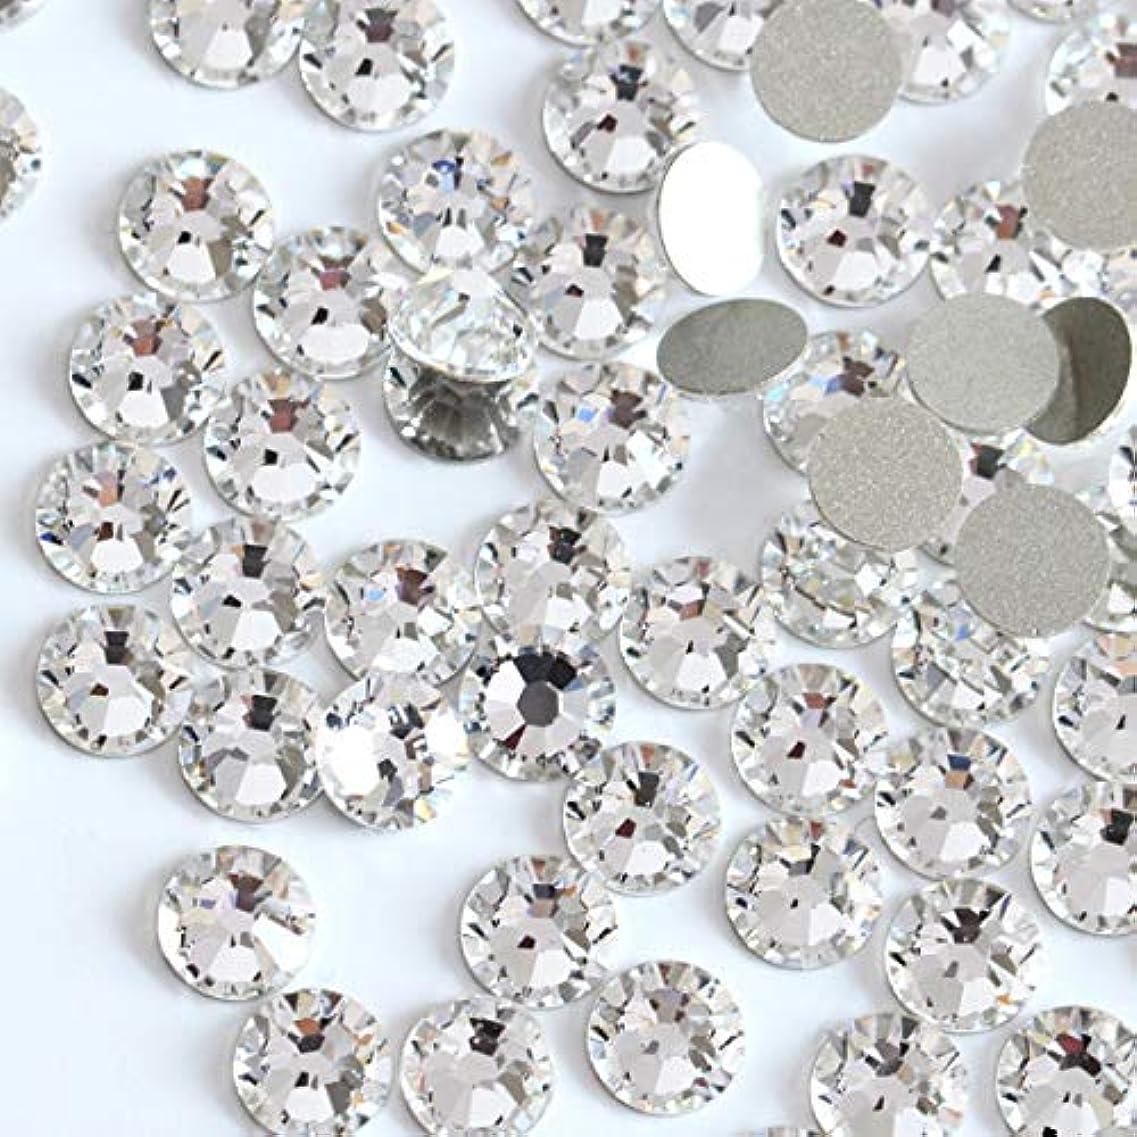 韓国証拠ただやる【ラインストーン77】 高品質ガラス製ラインストーン クリスタル(7.1mm (SS34) 約30粒)